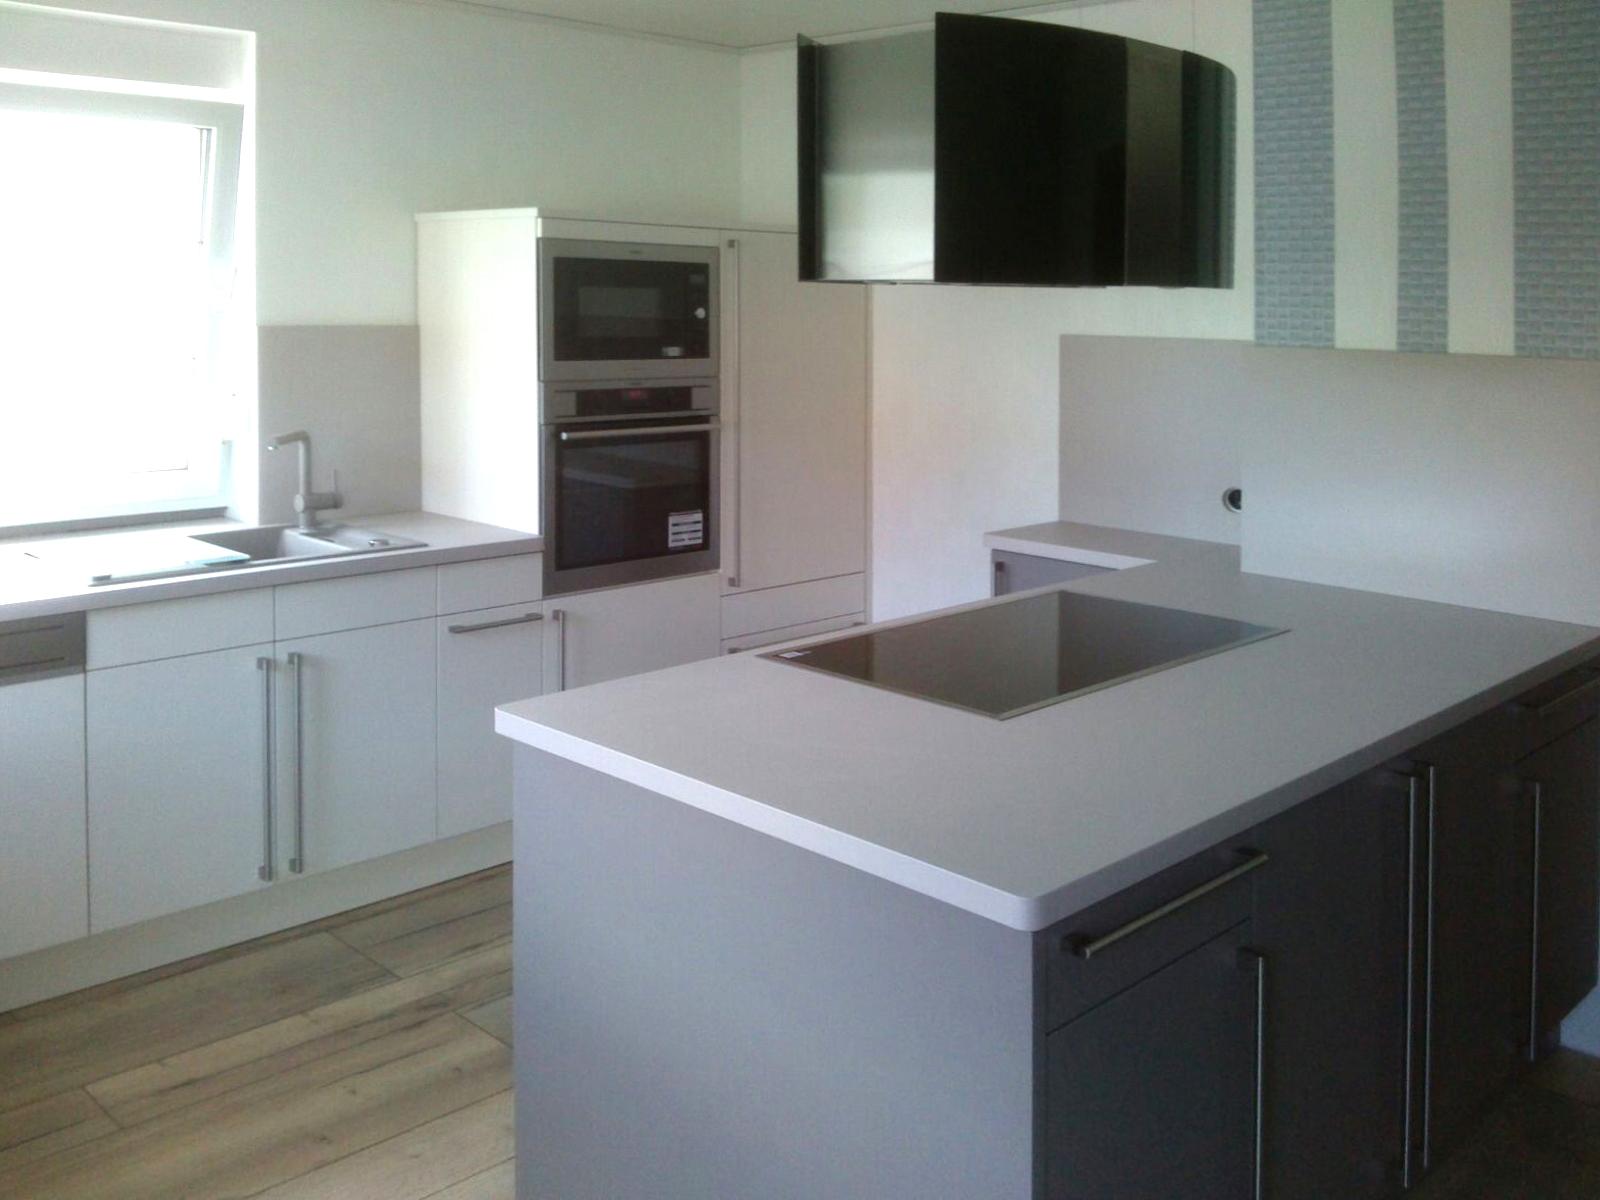 Küchenaufbau und Küchenmontage wir helfen Ihnen.